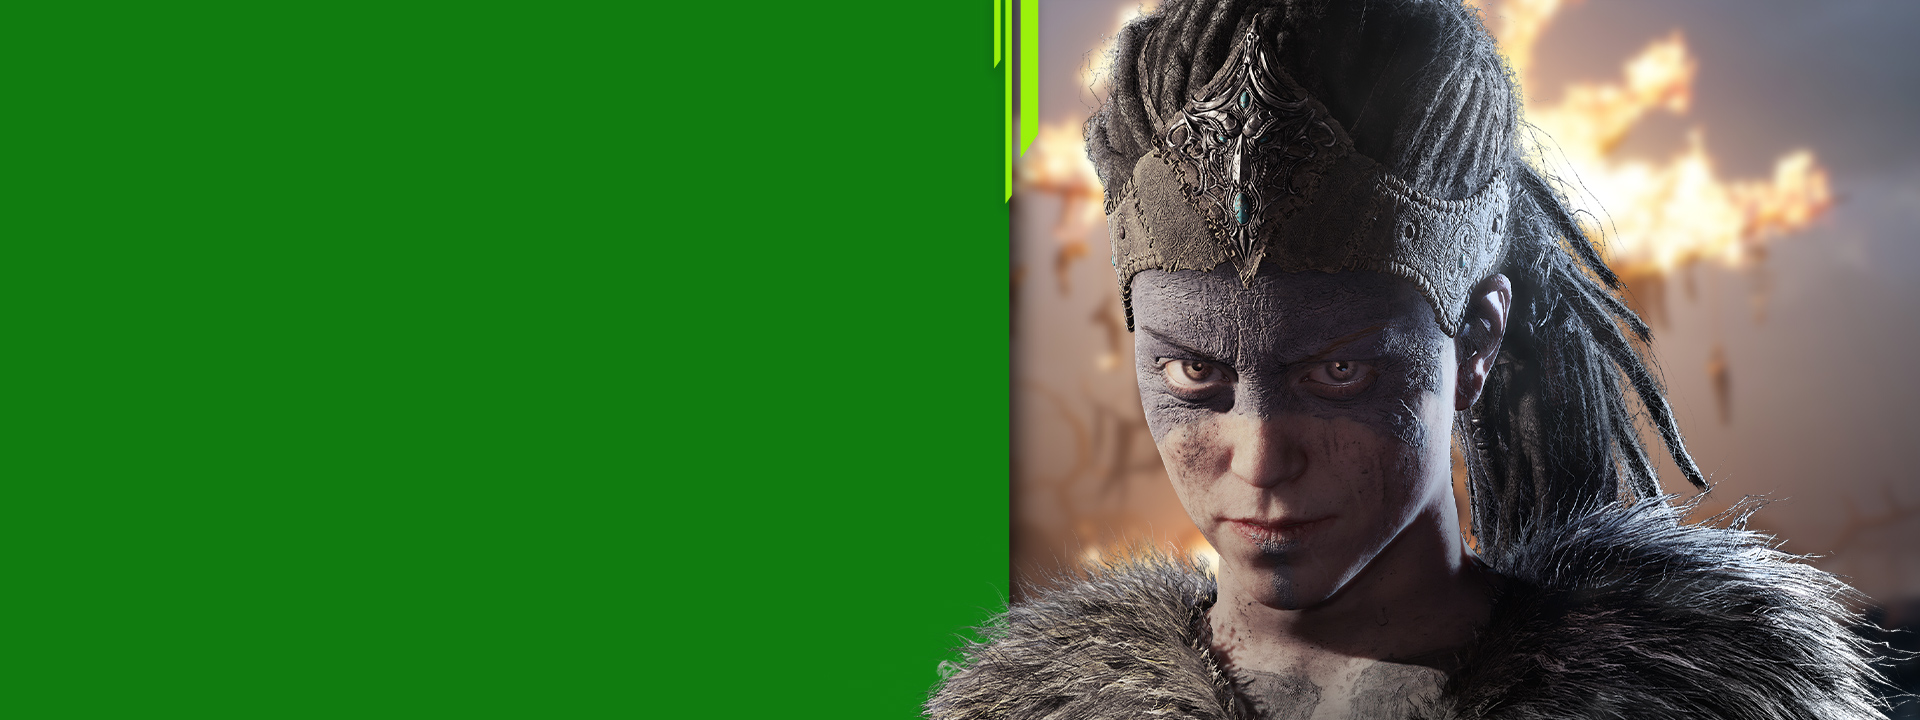 Senua, une guerrière celtique brisée, dans Hellblade: Senua's Sacrifice